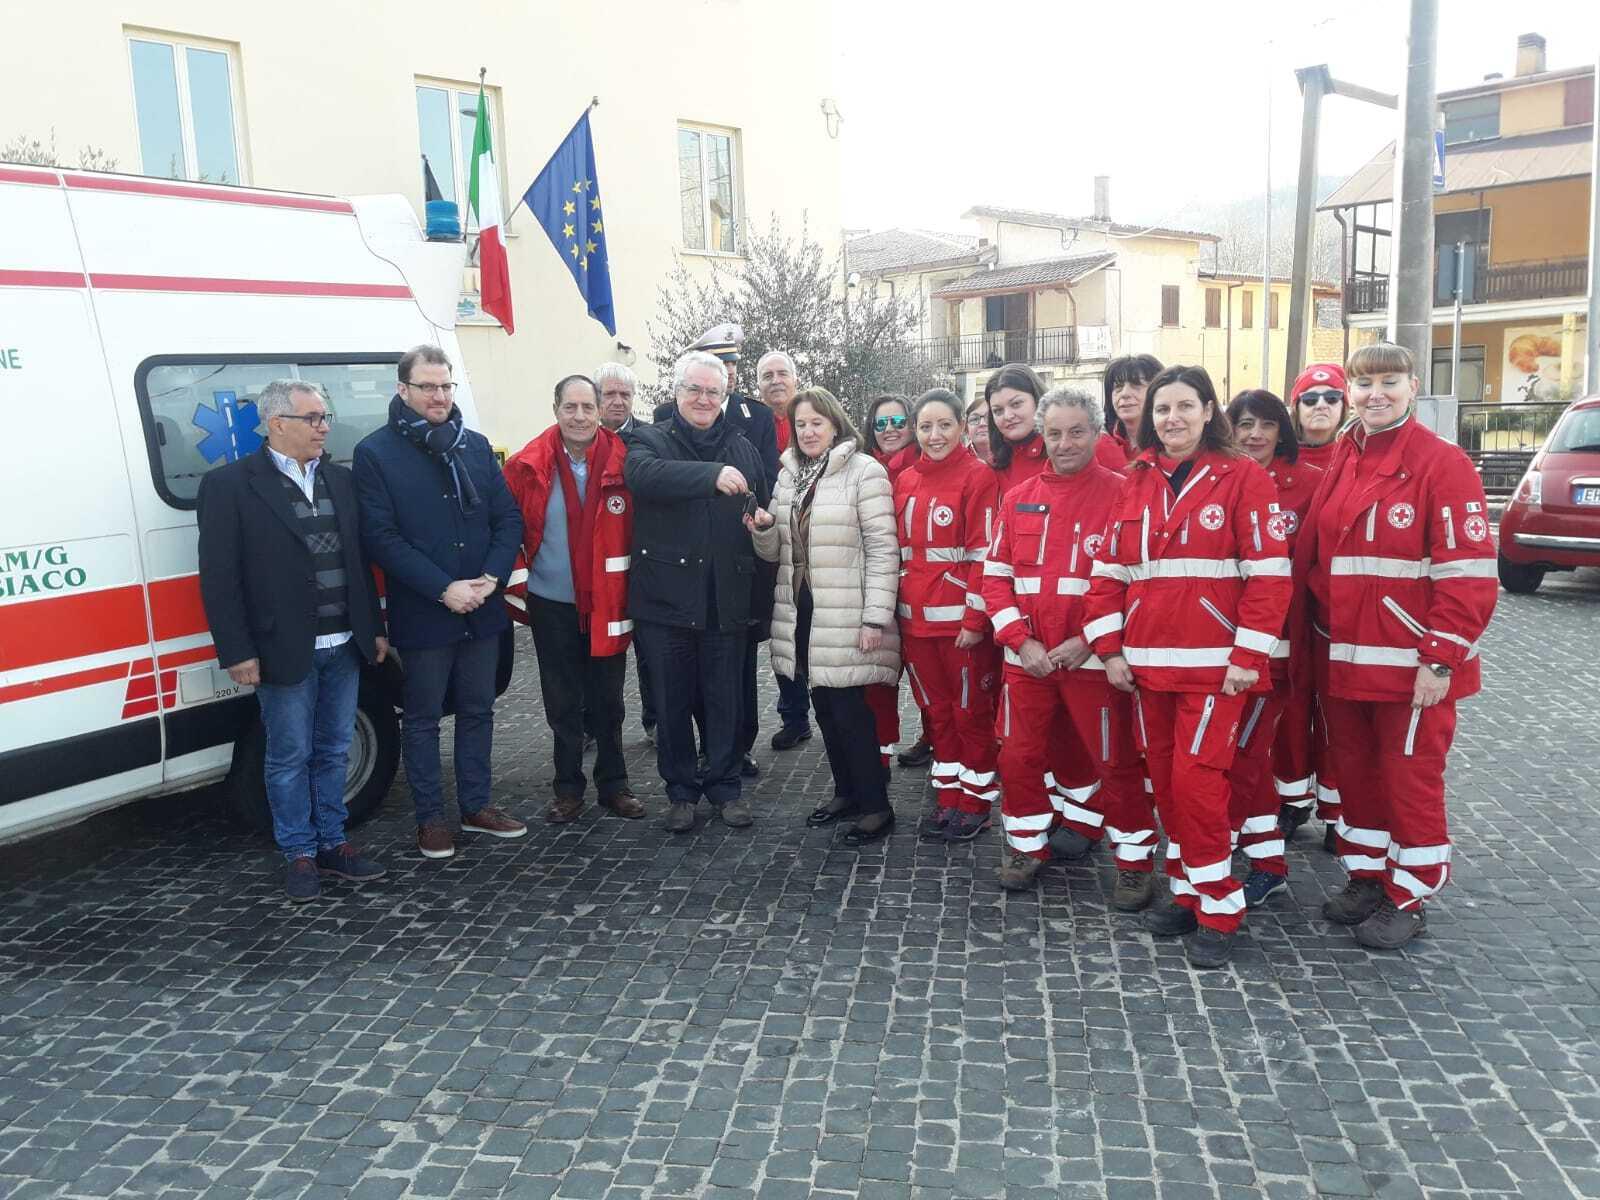 Il Presidente dell'Ente Montano Romanzi, consegna un'ambulanza alla Croce Rossa Italiana, Comitato di Valle dell'Aniene, dono della X CMA